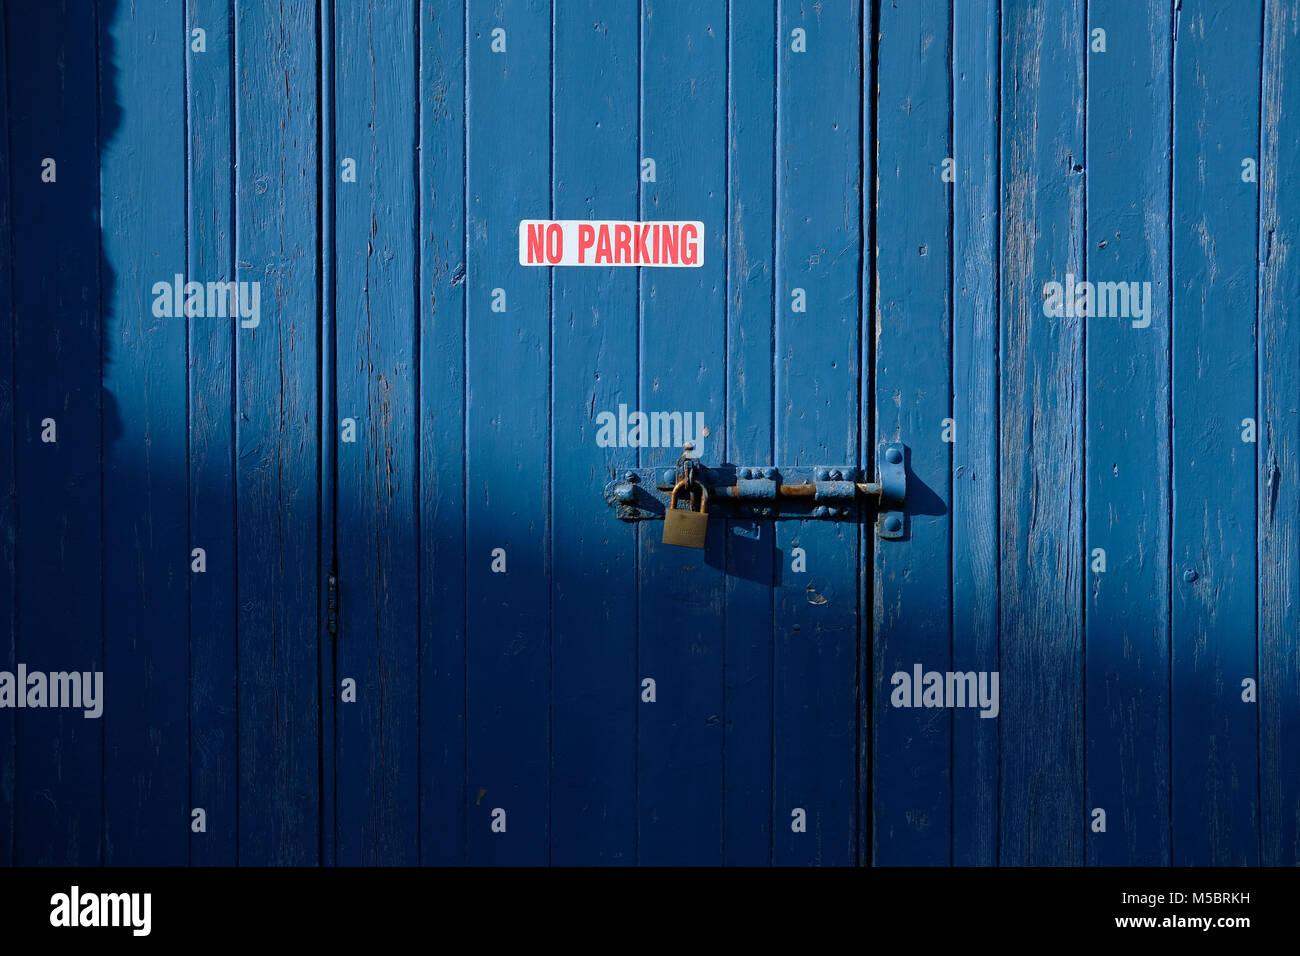 No parking sign on wooden door. Stock Photo